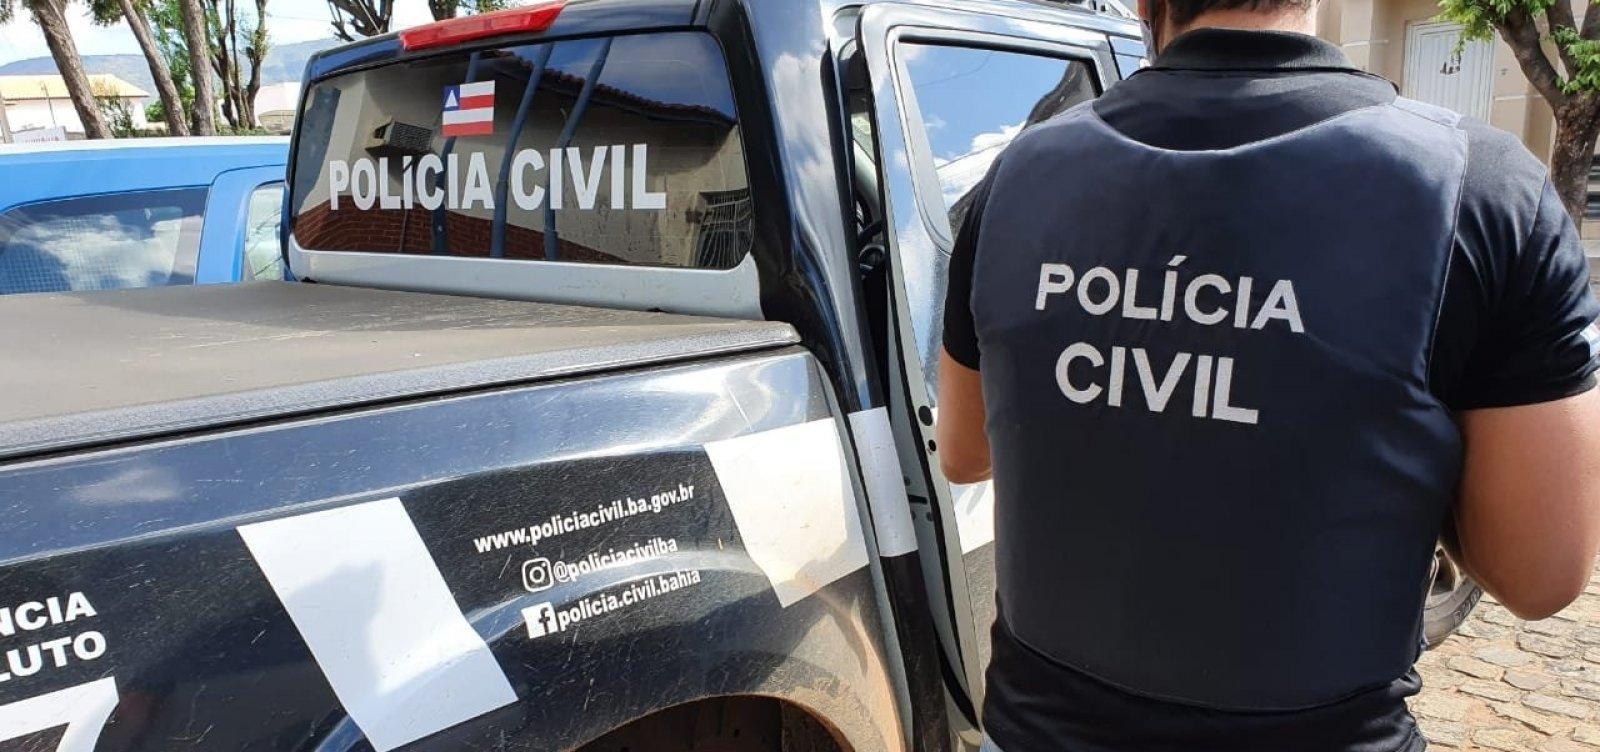 Homem procurado pela polícia é preso ao dar entrada em hospital de Salvador